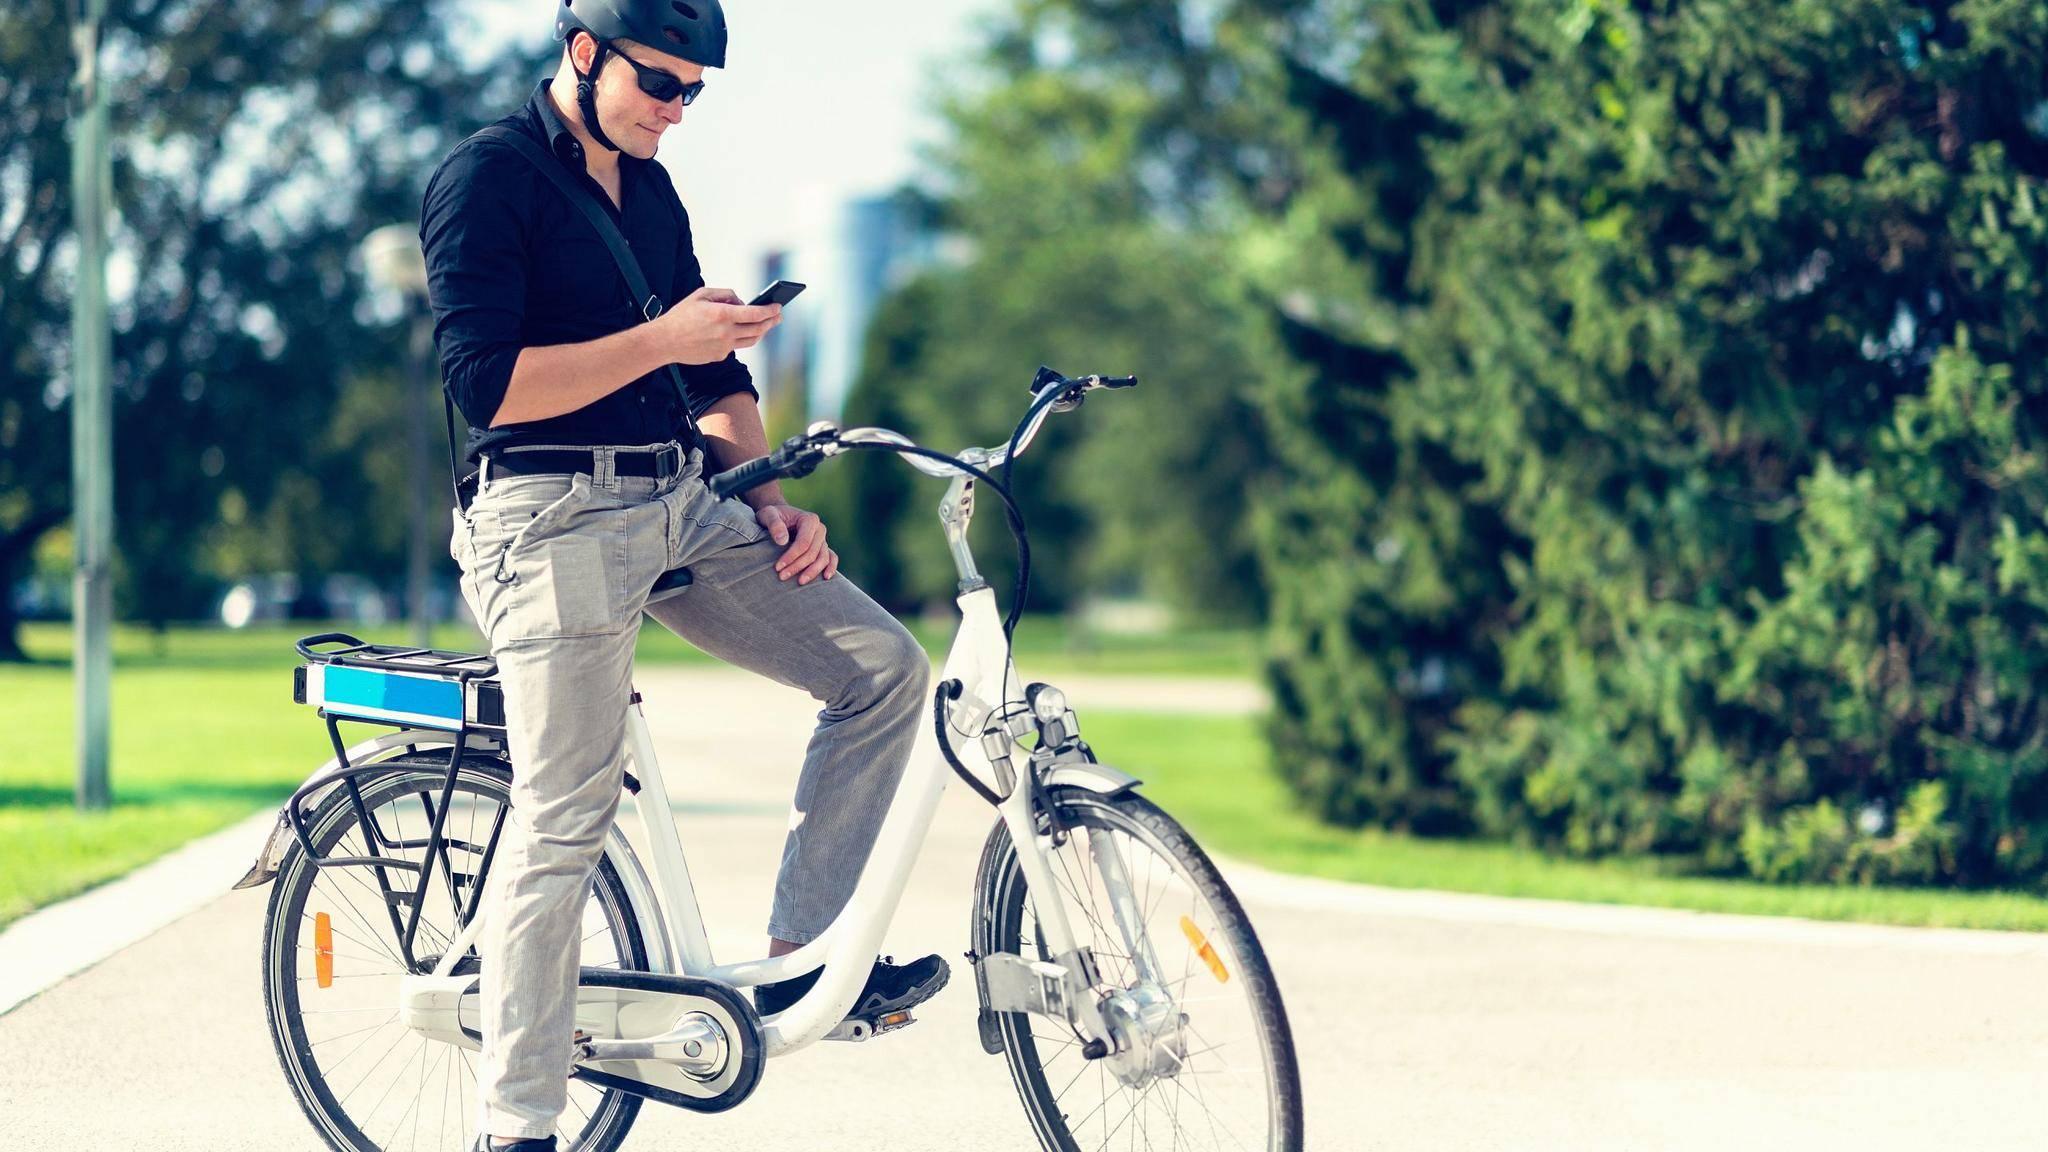 Wer ein E-Bike besitzt, dürfte sich nicht über eine Überanstrengung beim Radeln beklagen.